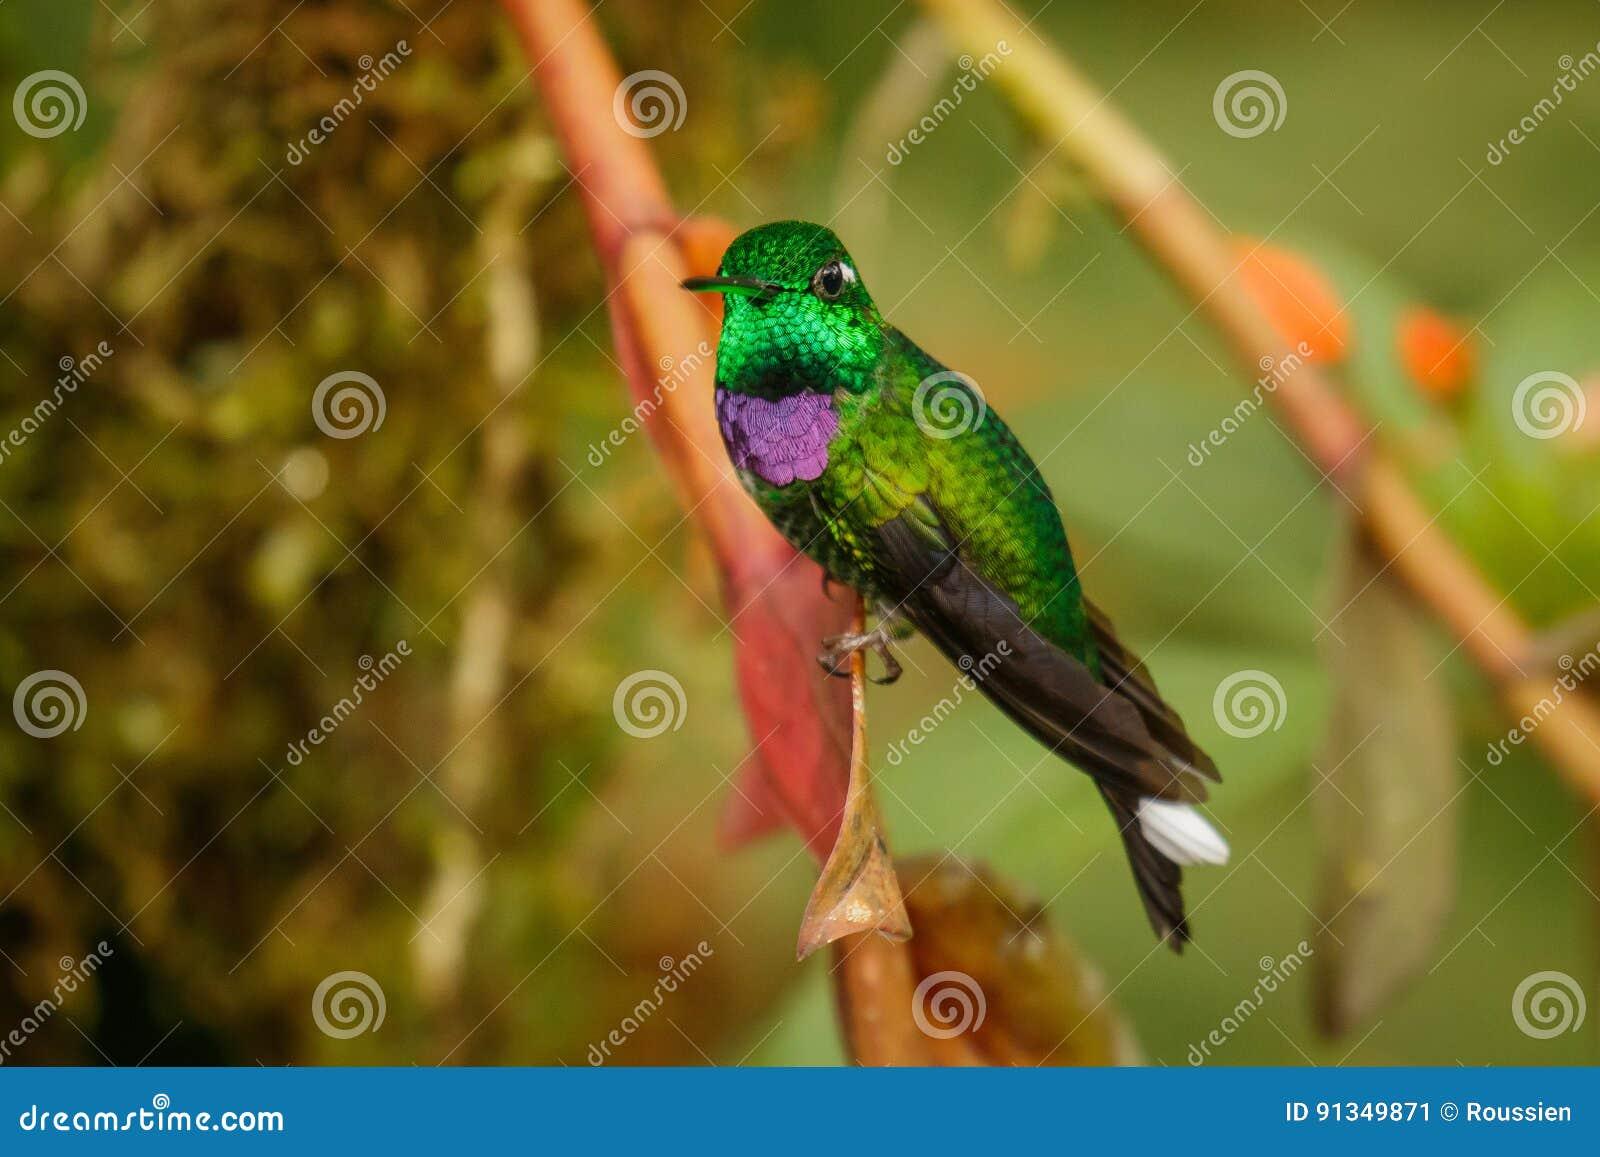 Einer der schönsten Kolibris, Purpurrot-bibbed Whitetip